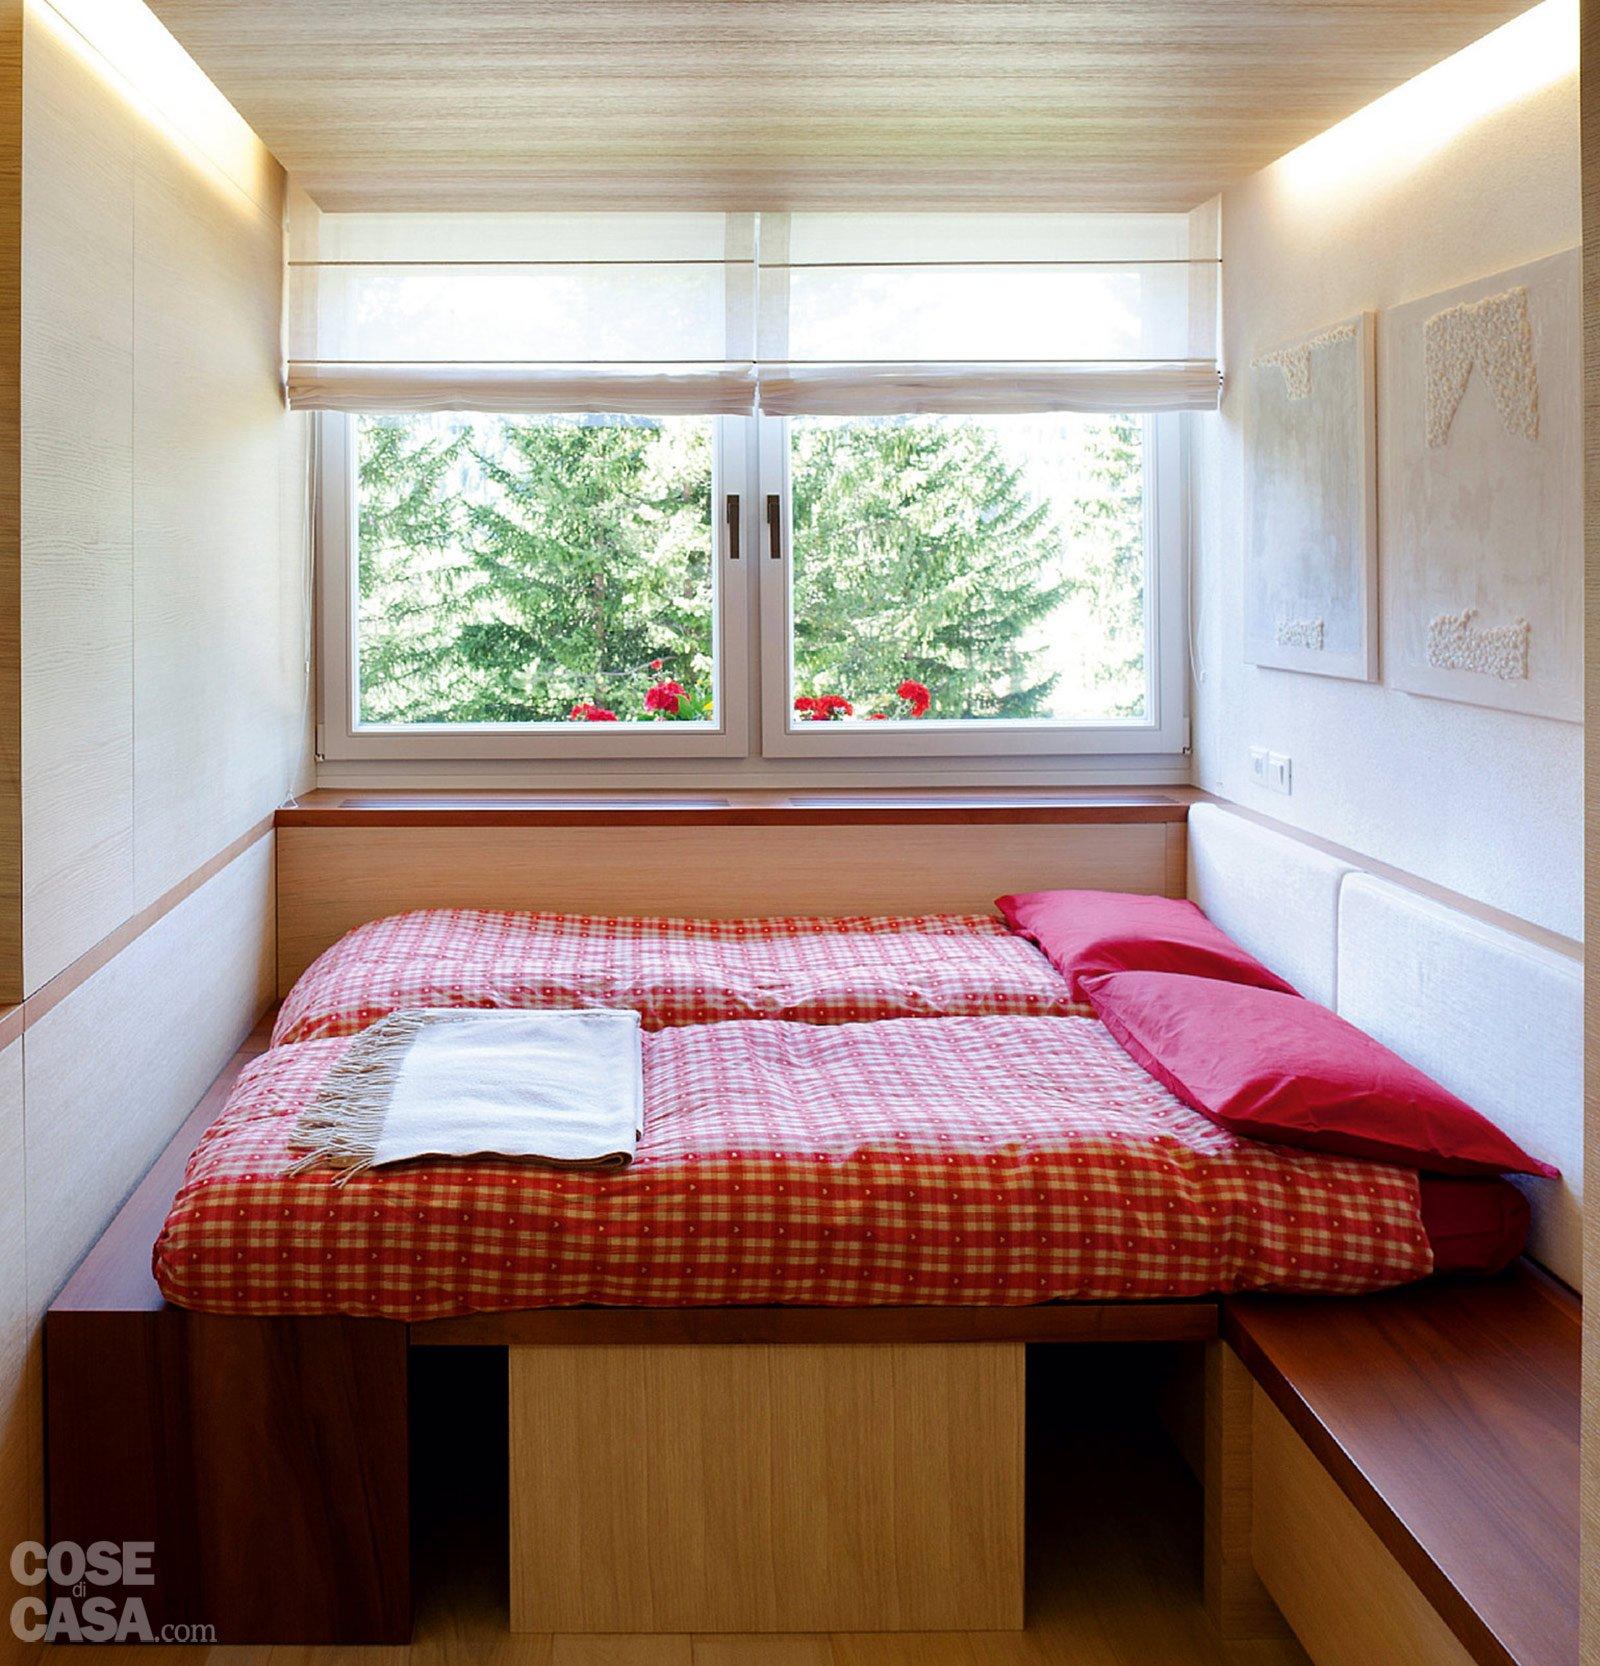 57 mq con ambienti mutevoli - Cose di Casa